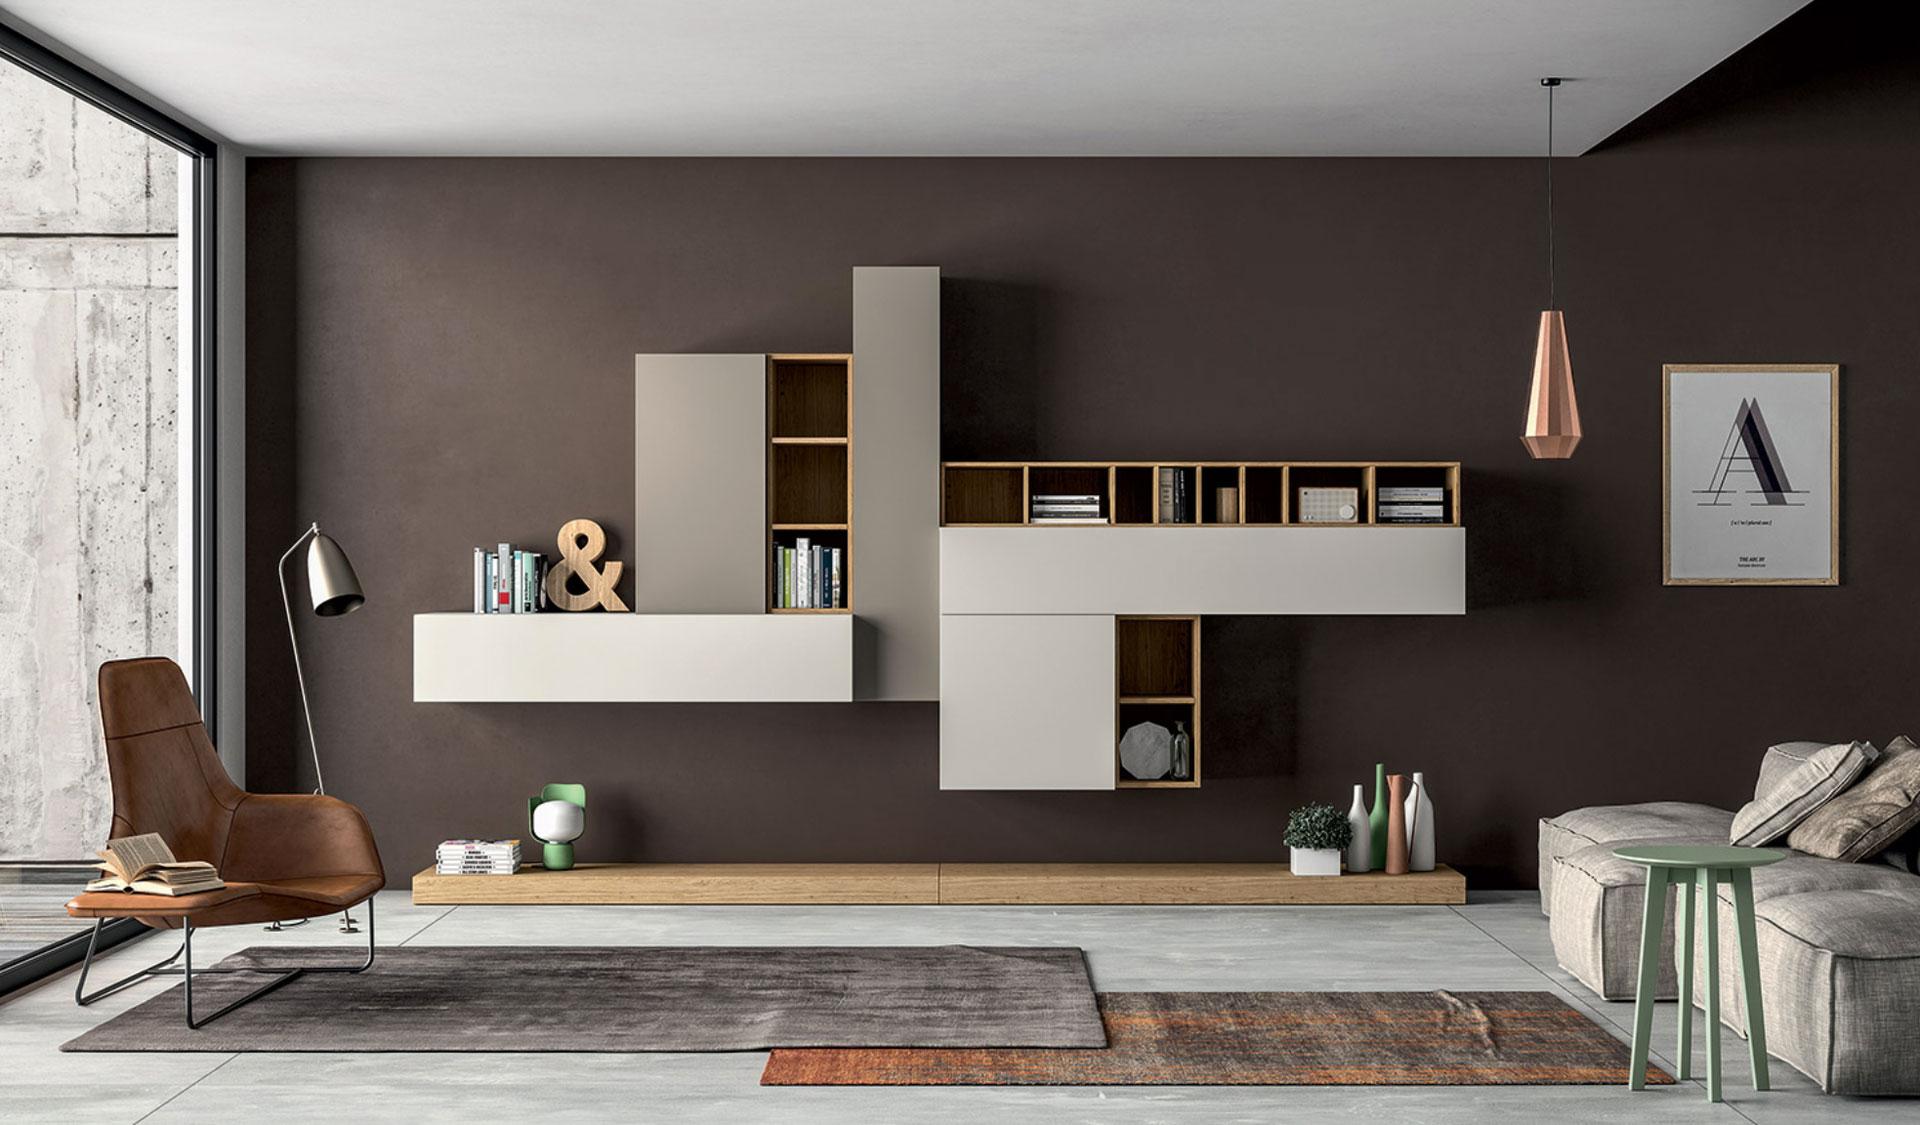 Convert casa arredamento interni divani for Arredo casa padova